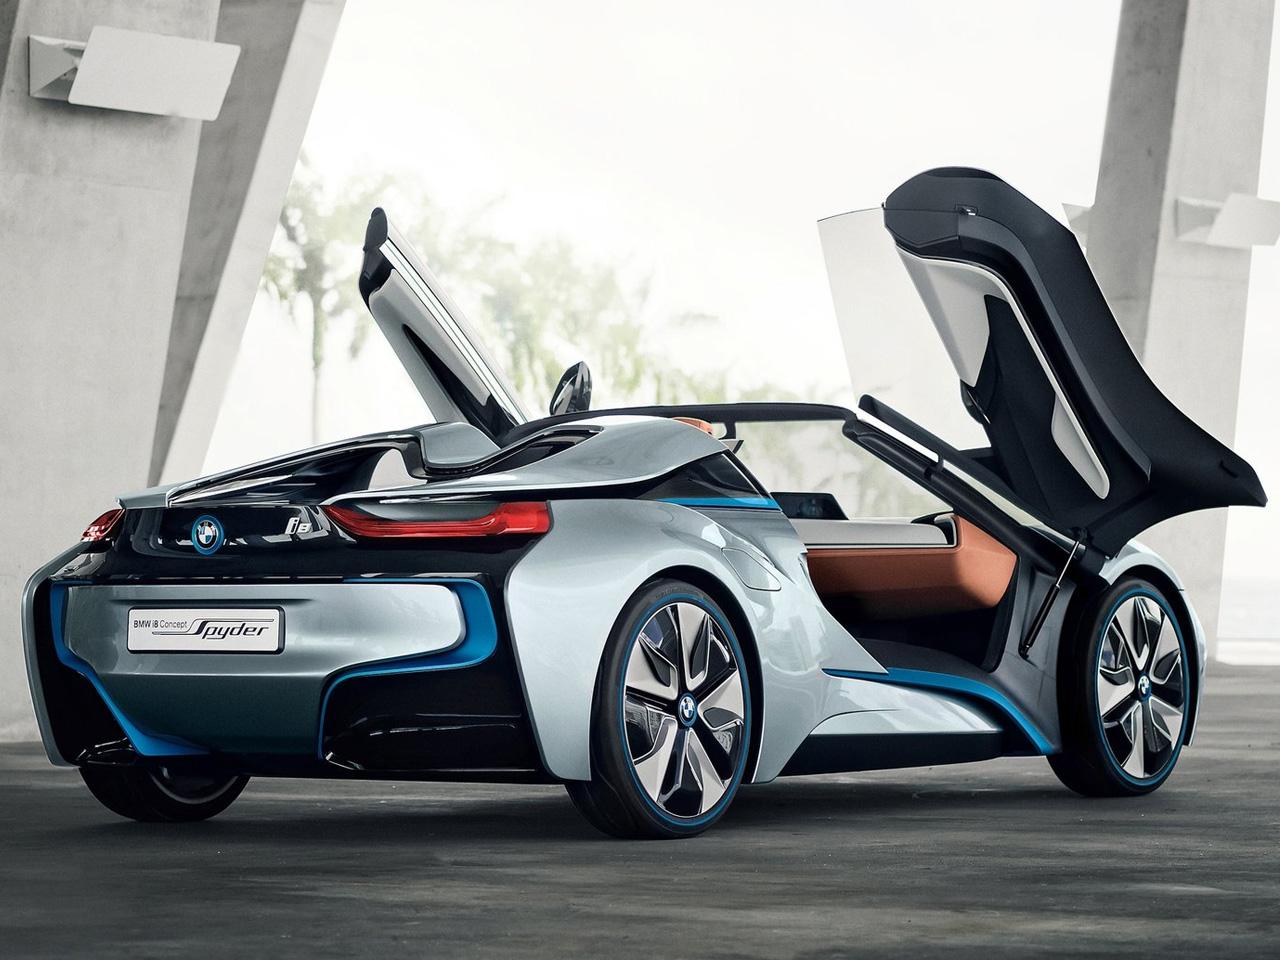 2016 Wird Das Jahr Der Schonen Elektroautos